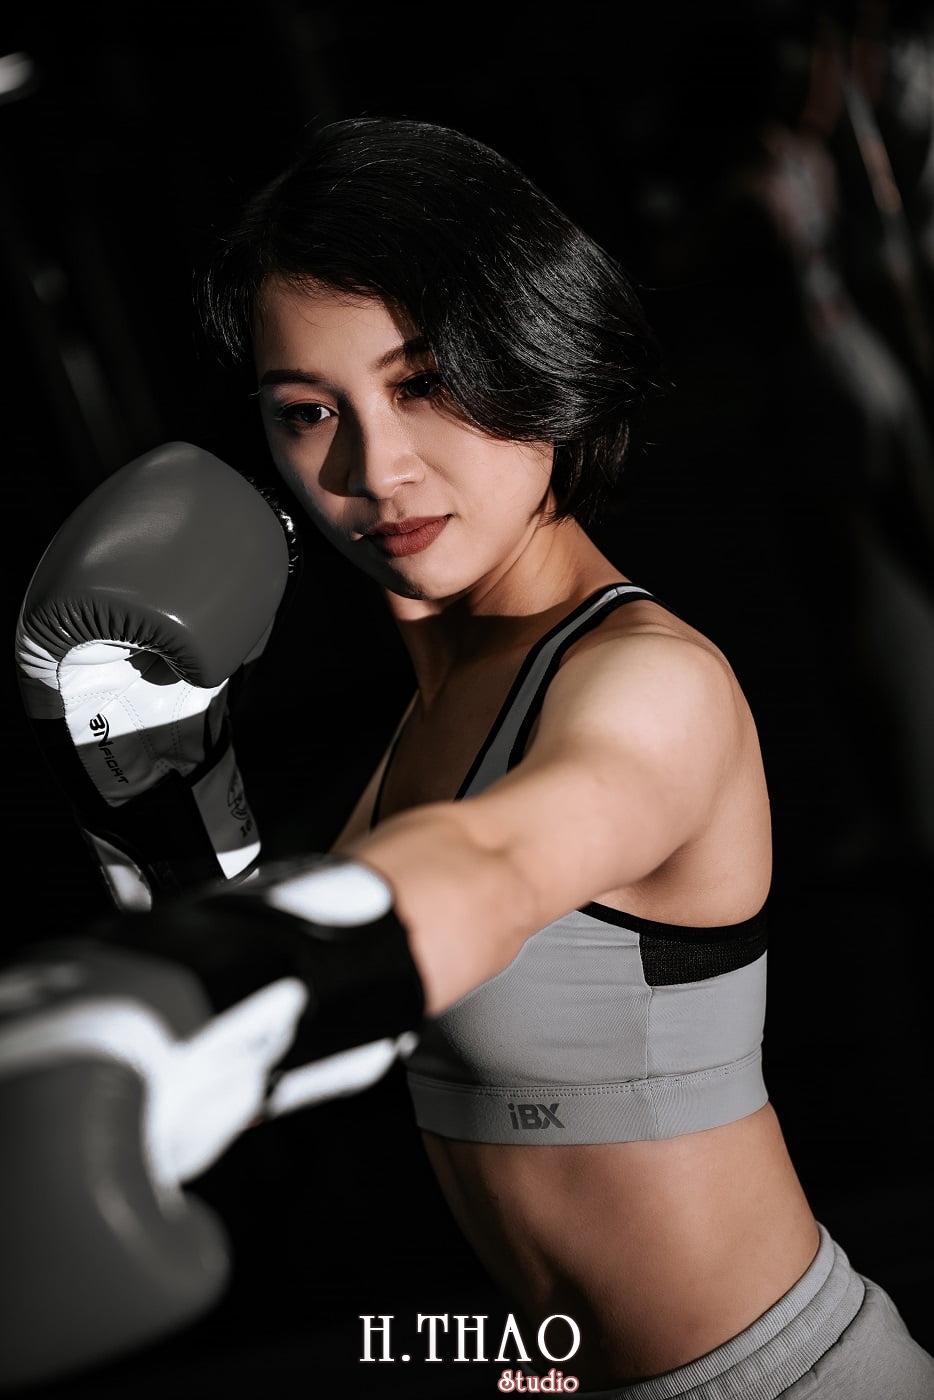 Anh chi Ngoc 31 min - Góc ảnh cô gái mạnh mẽ yêu thích Boxing – HThao Studio